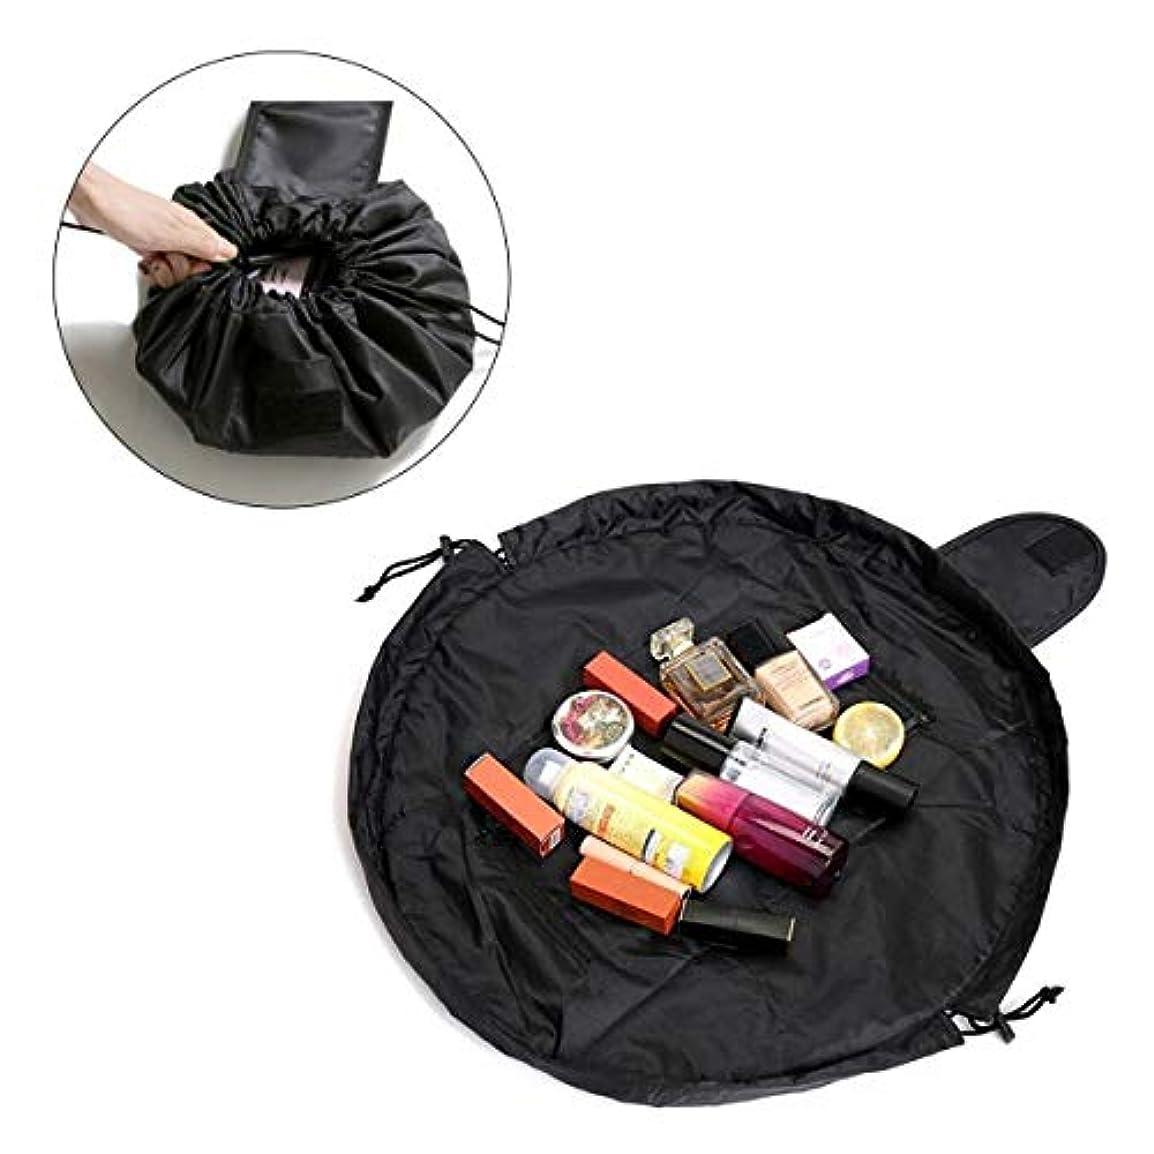 ビーズいっぱい流産Pichidr-JP 速い化粧袋旅行浴室のための携帯用多機能の防水ビロードの円形の化粧品袋、黒